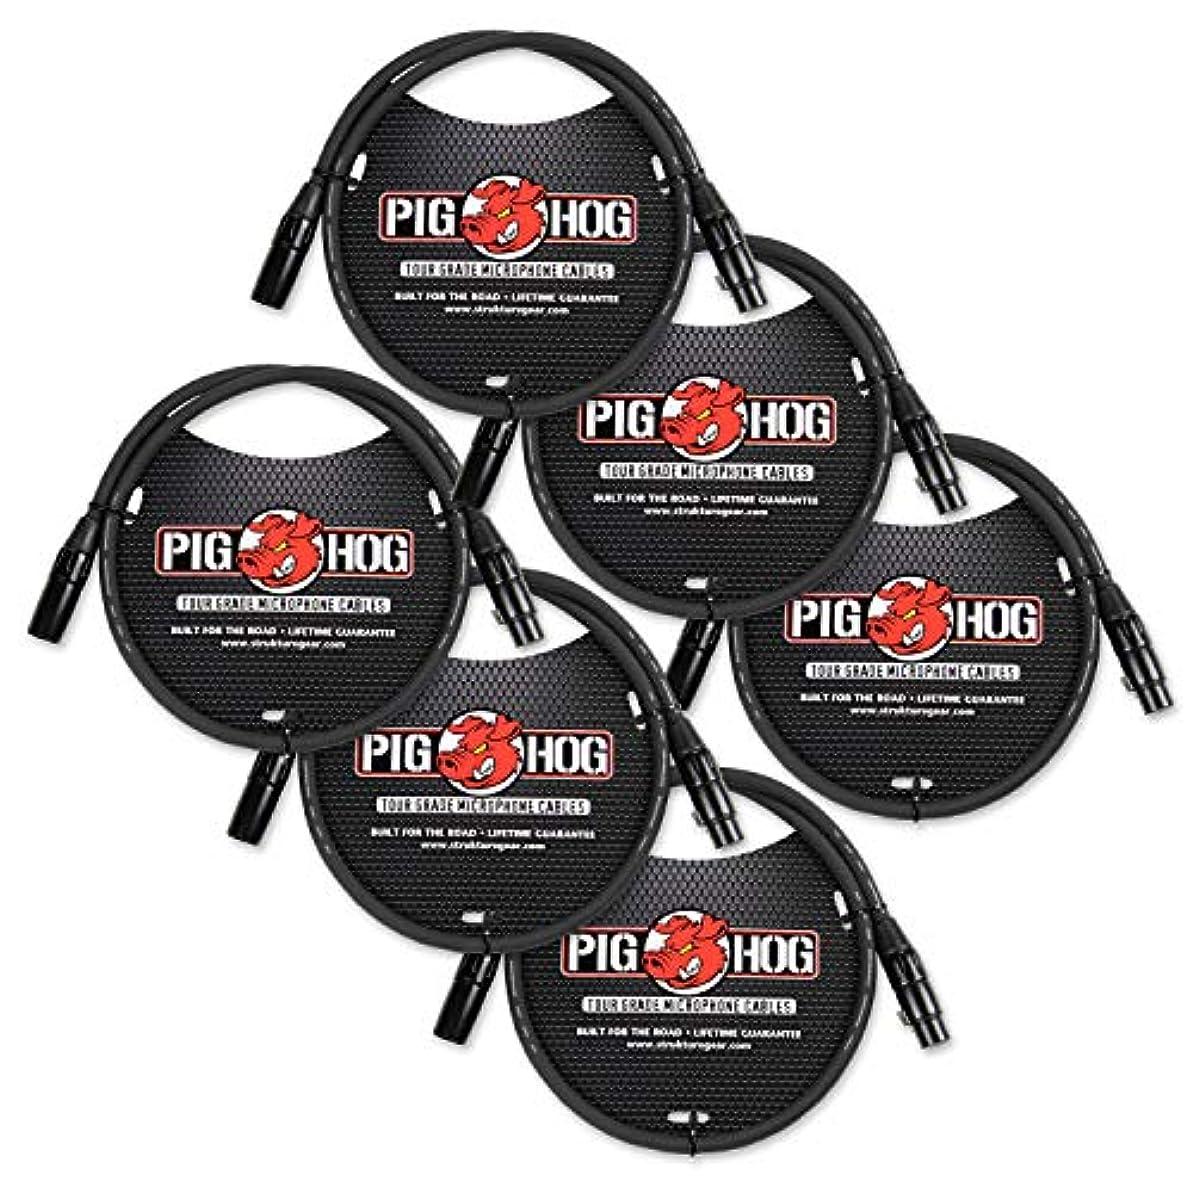 キャプテン耳話Pig Hog PHM3 8mm ツアーグレードマイクケーブル、XLR 3フィート - 6個パック